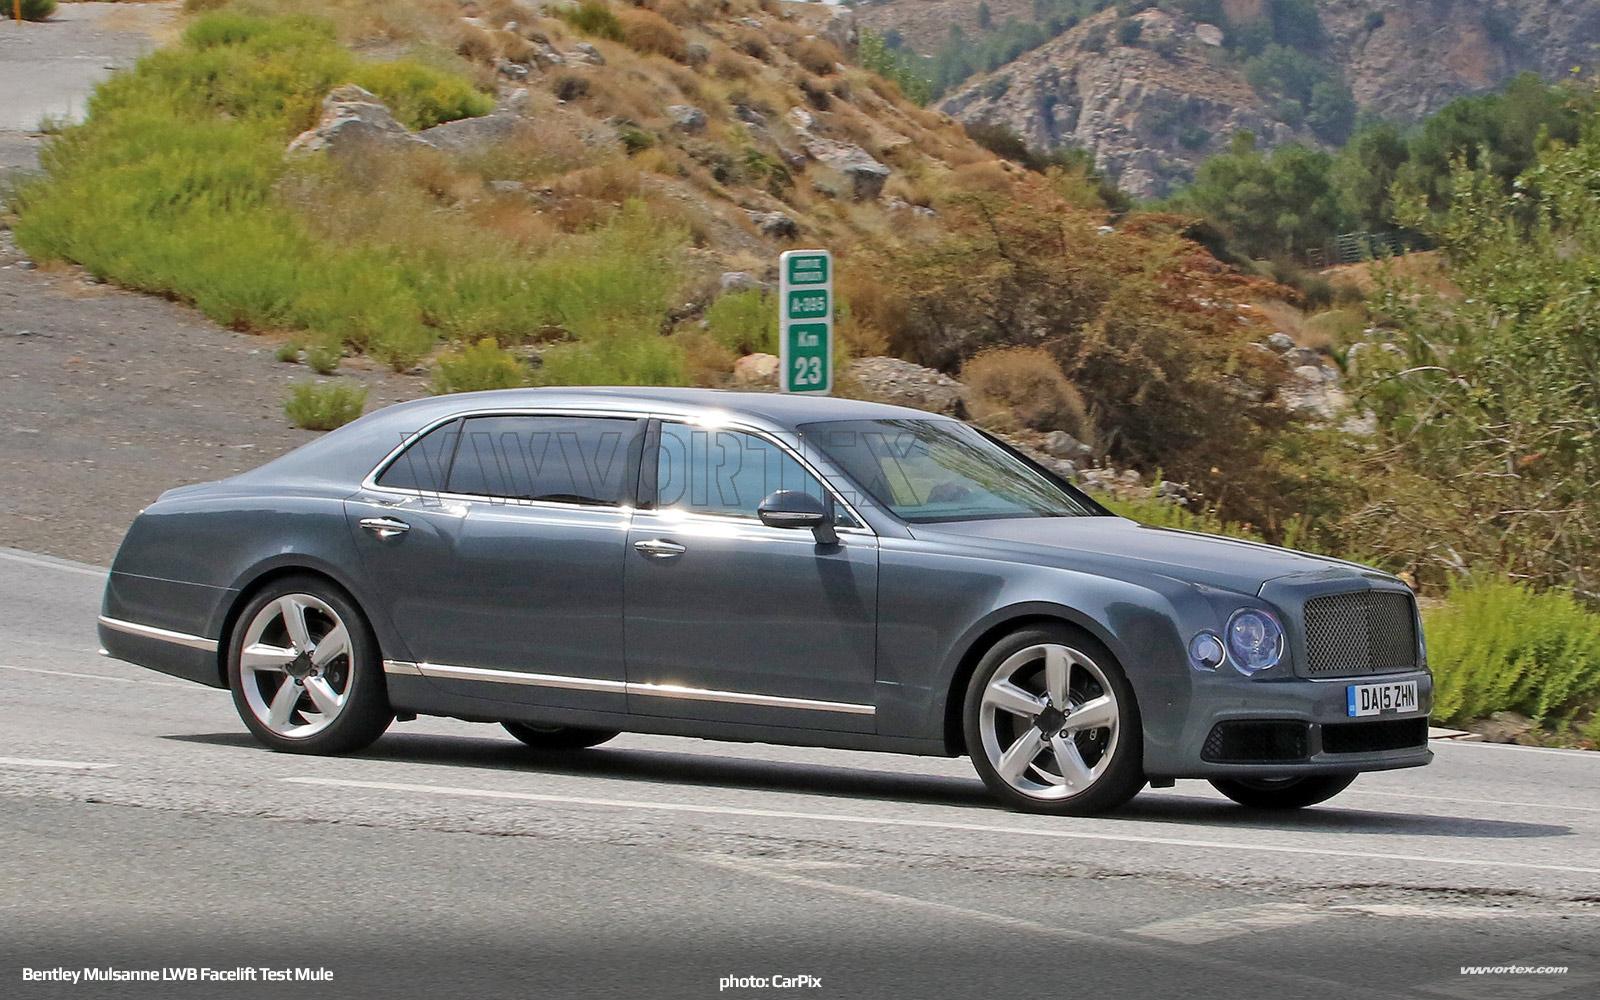 Bentley-Mulsanne-LWB-test-mule-facelift-514